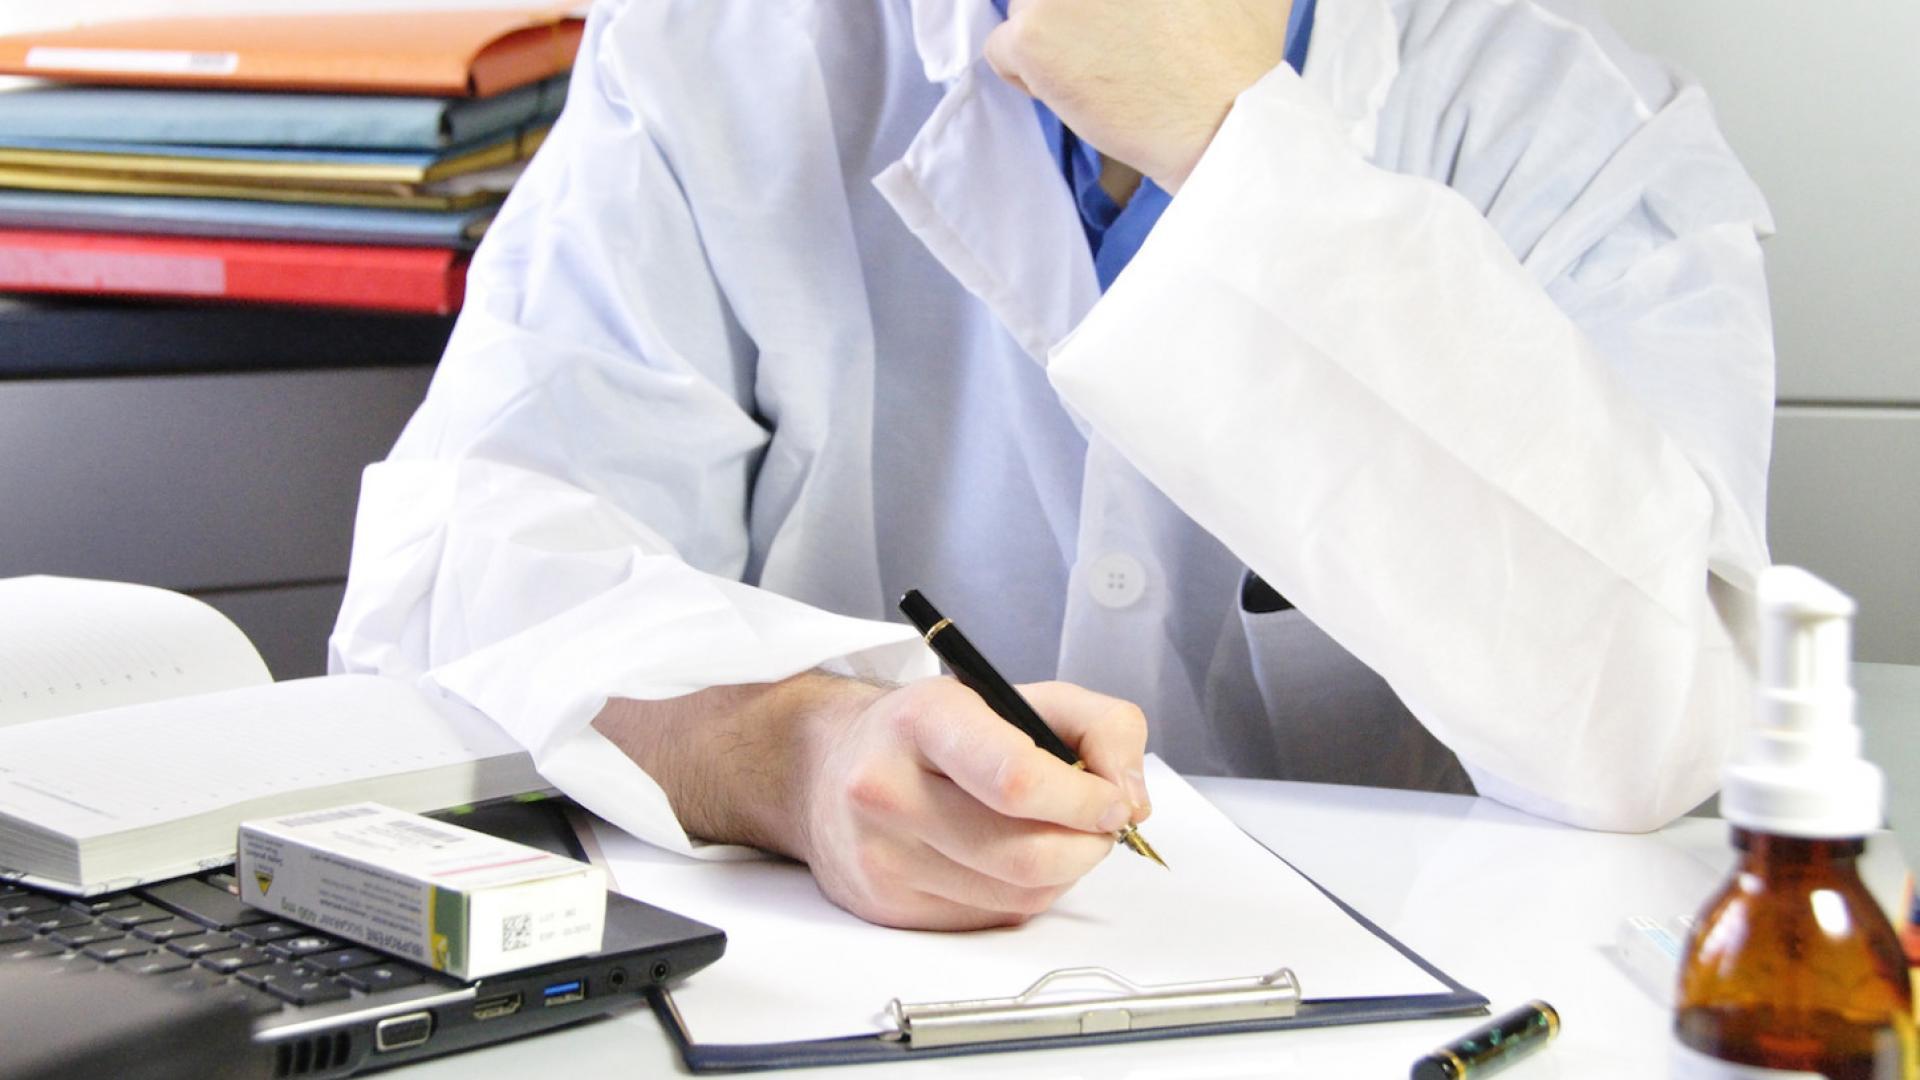 Пример медицинской экспертизы качества оказания медицинской помощи